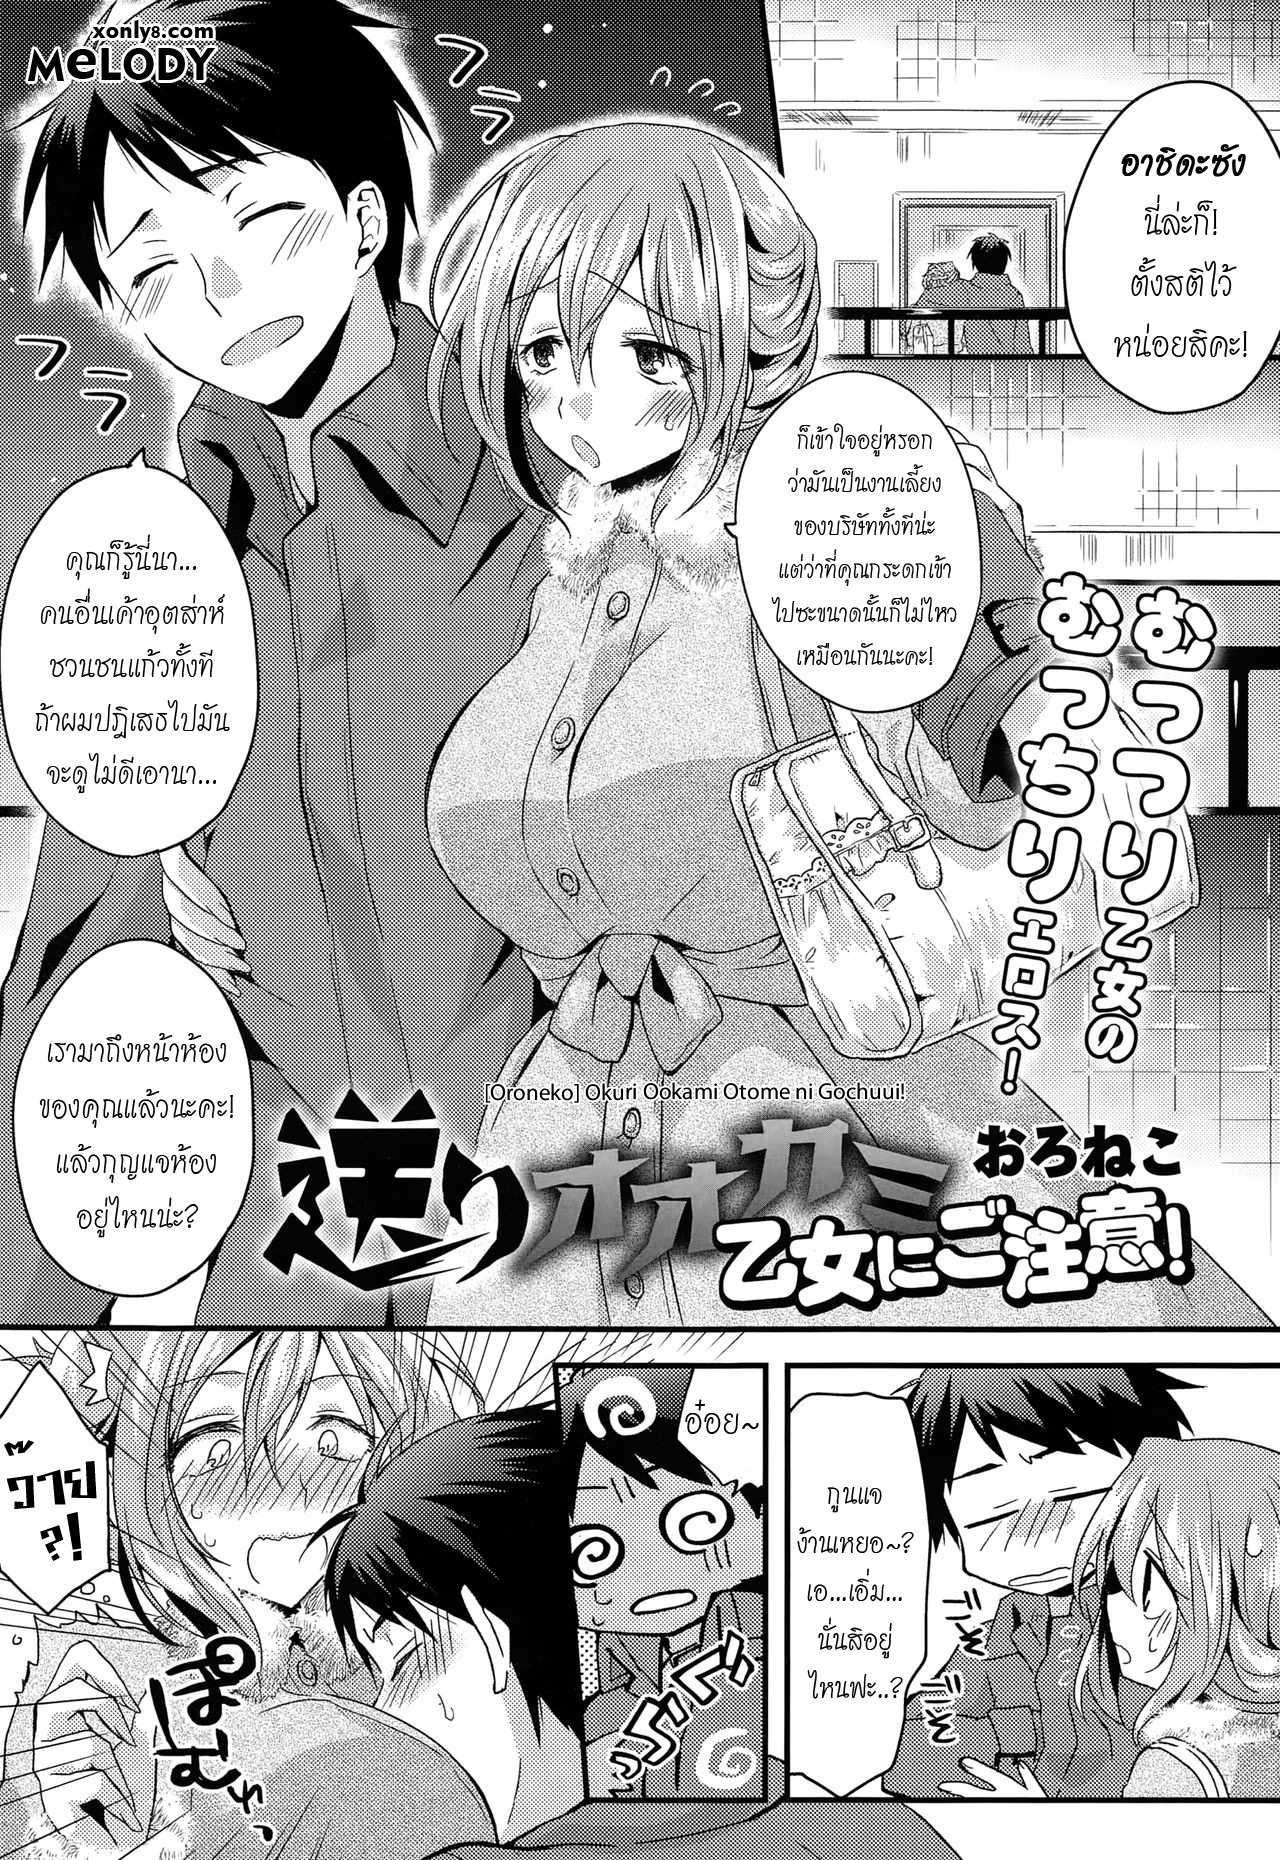 oroneko-okuri-ookami-otome-ni-gochuui-comic-tenma-2014-12